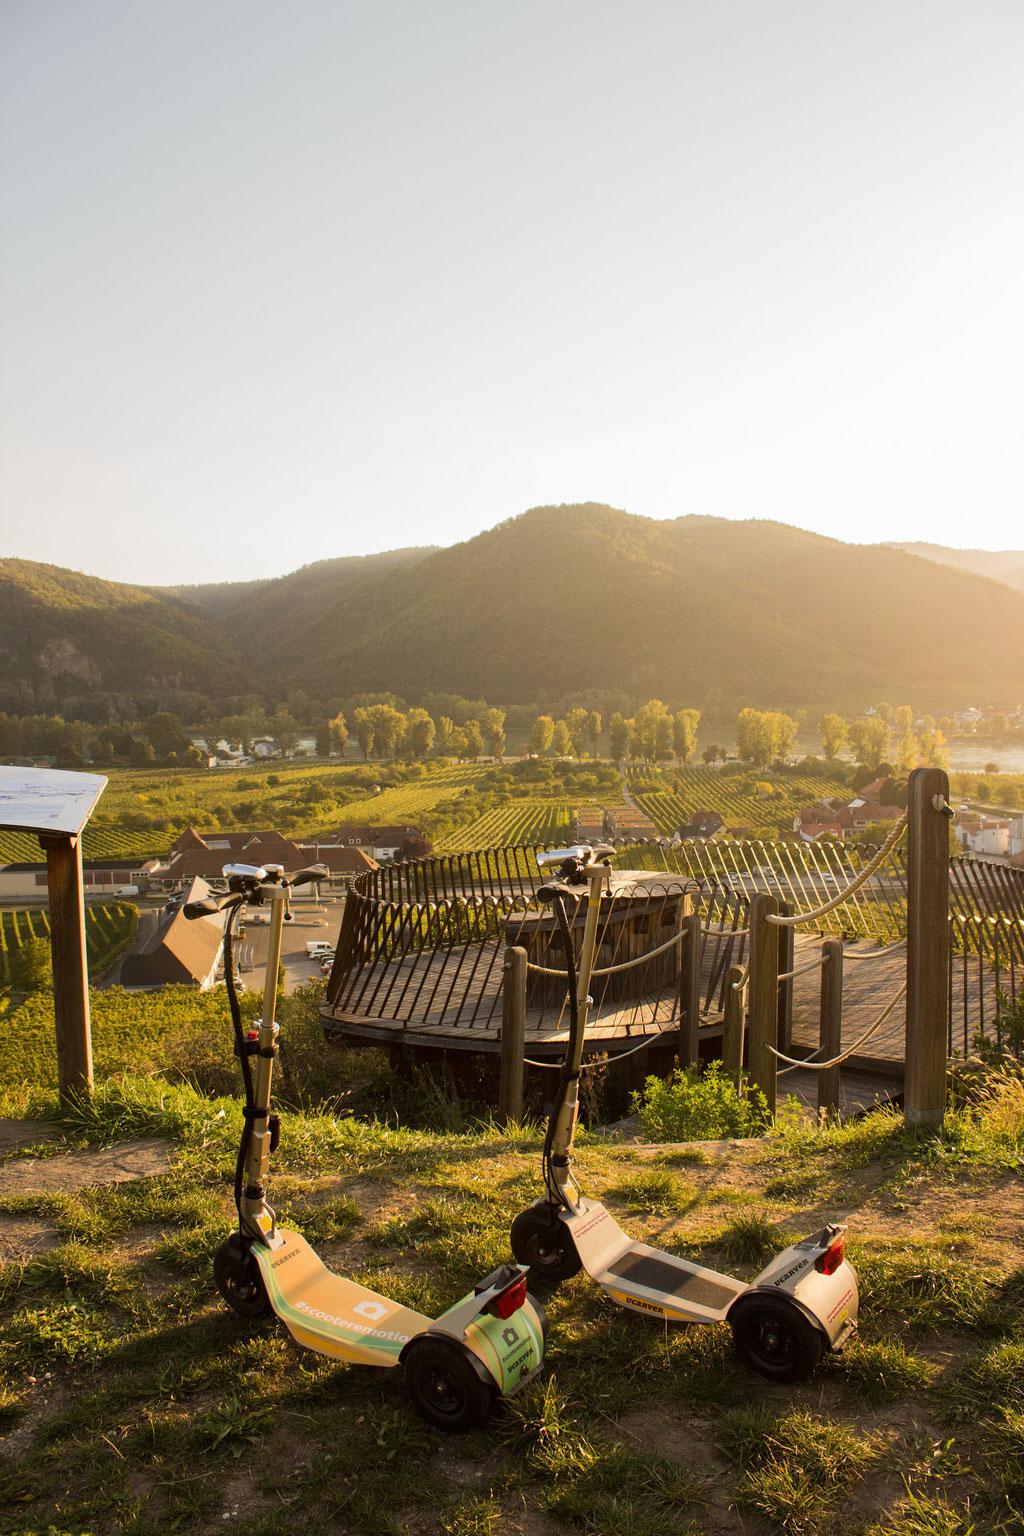 Dürnstein Ausflug Aussichtspunkt Tipp Erlebnis Weinverkostung Herbst Wandern Events. Verleih von E-Scooter bei Hotels und Pensionen in der Region. Die Alternative zum Fahrradverleih.